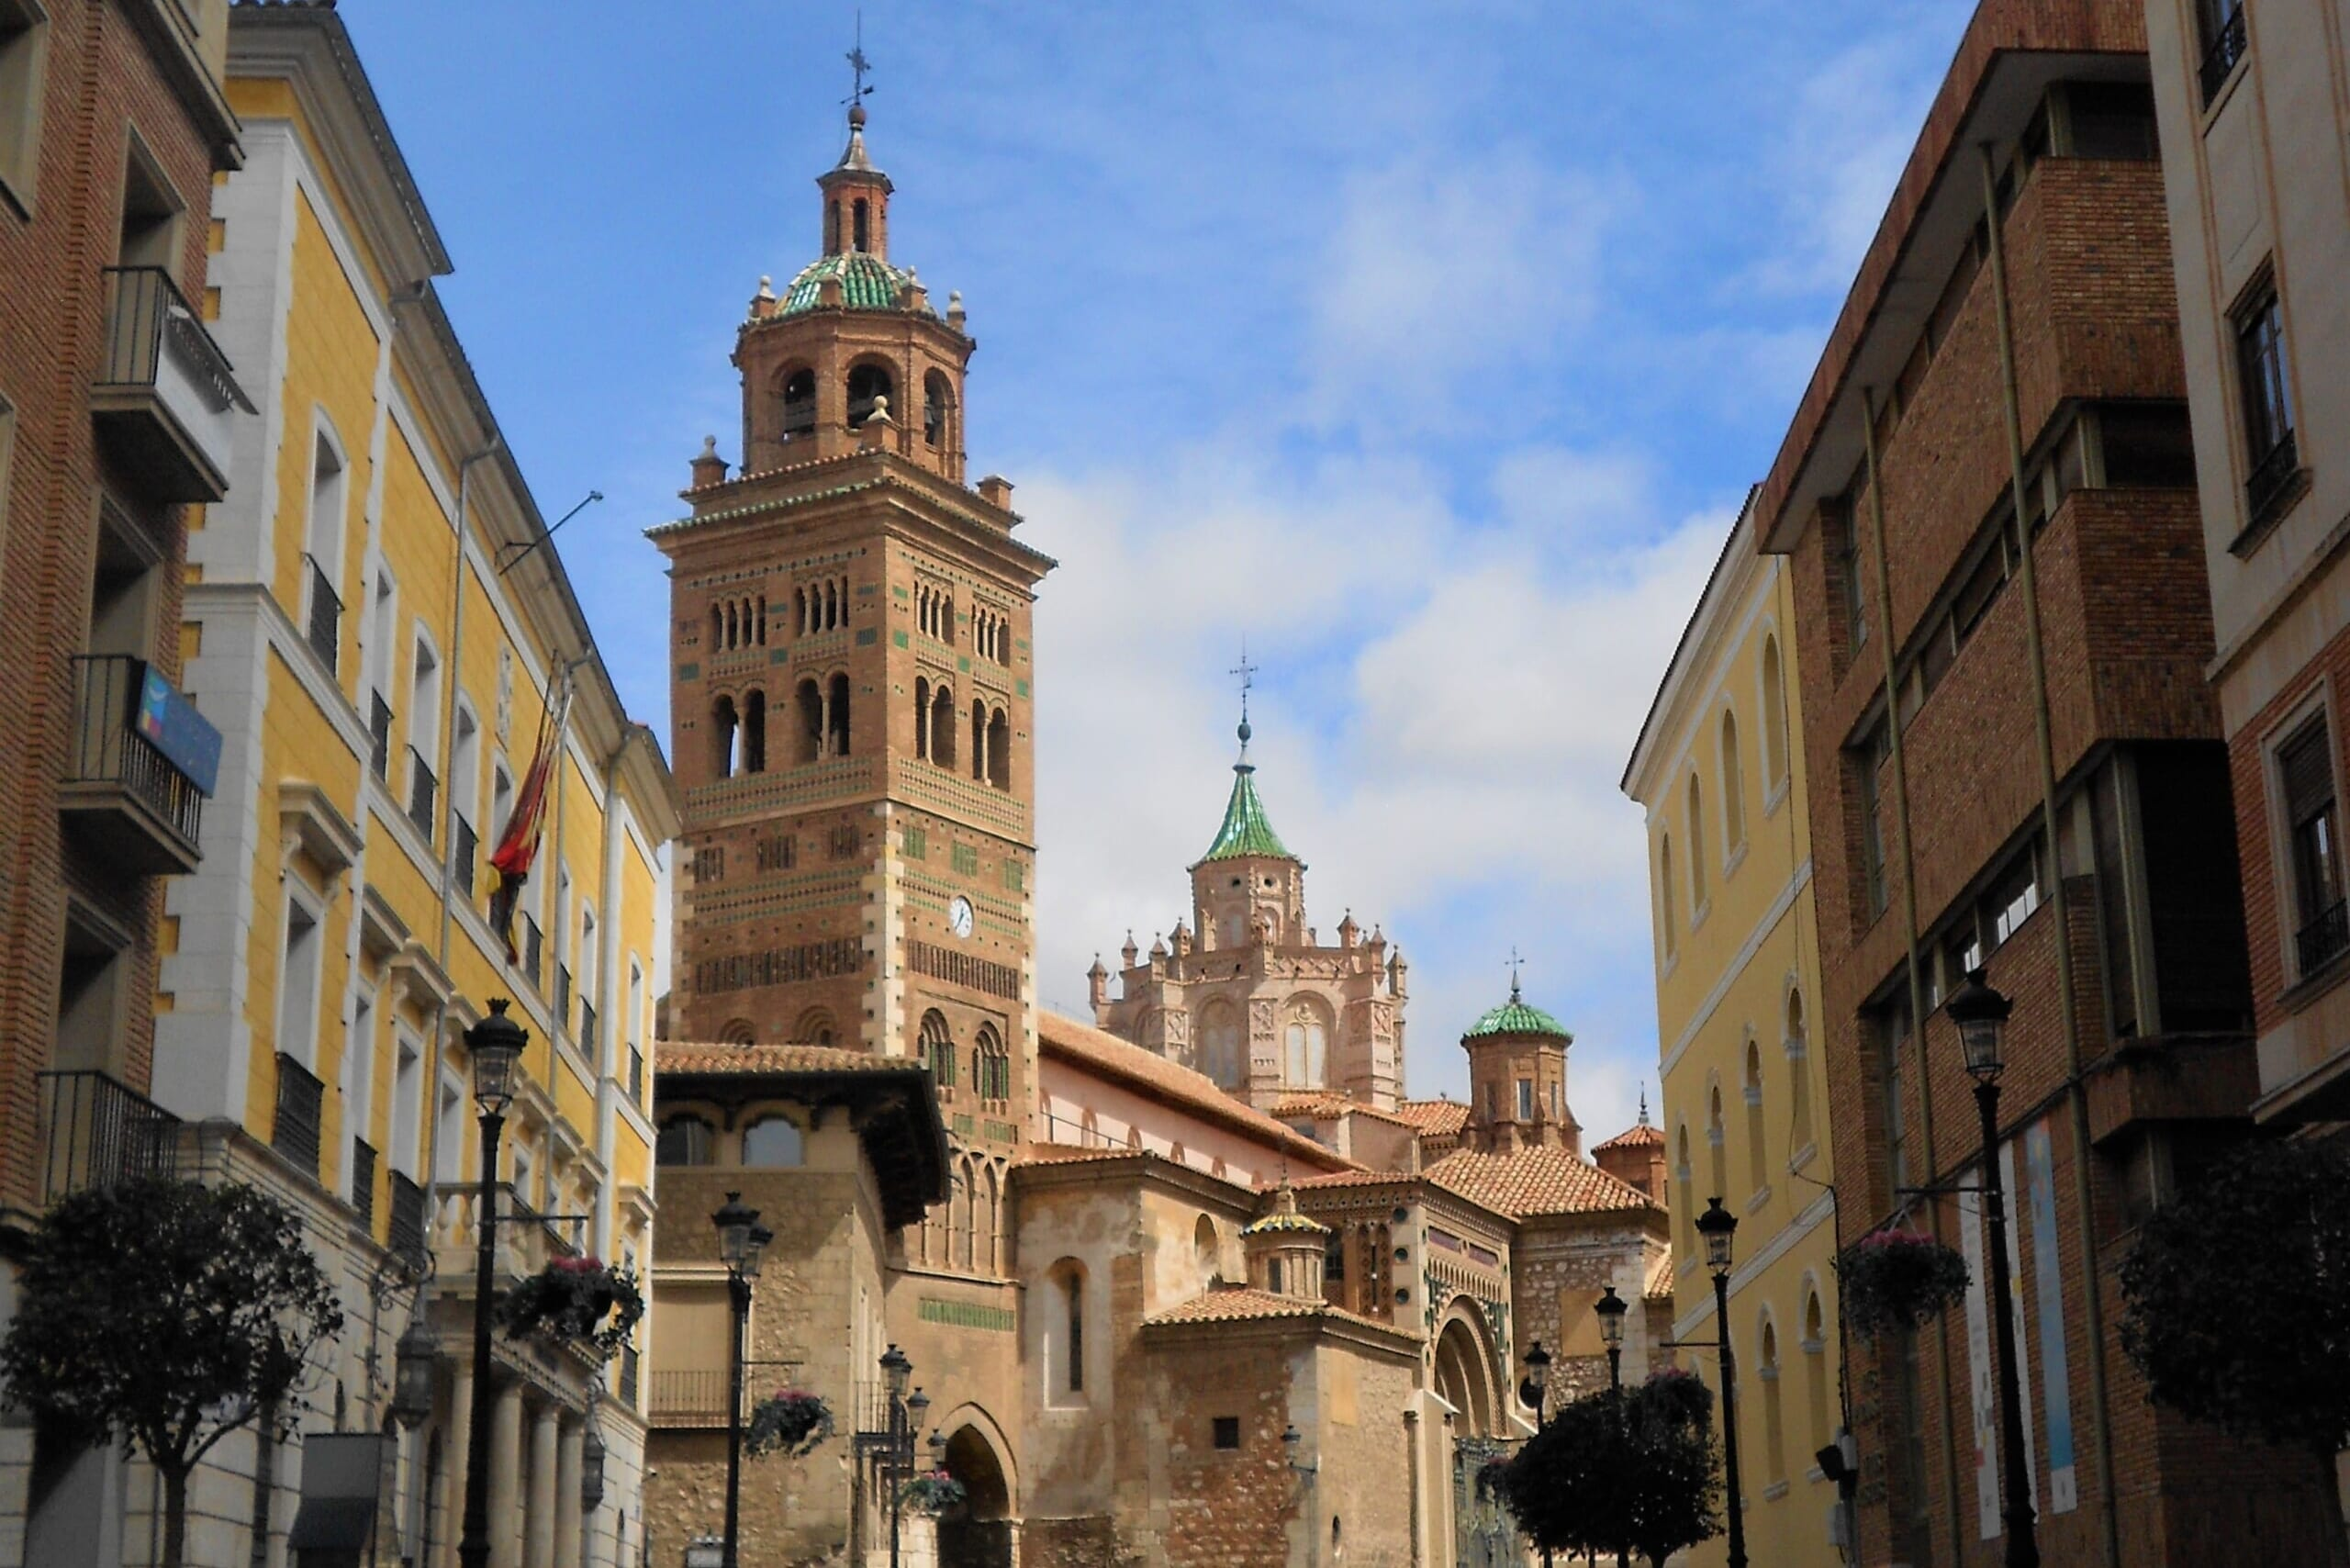 北スペインのムデハル様式の建築物